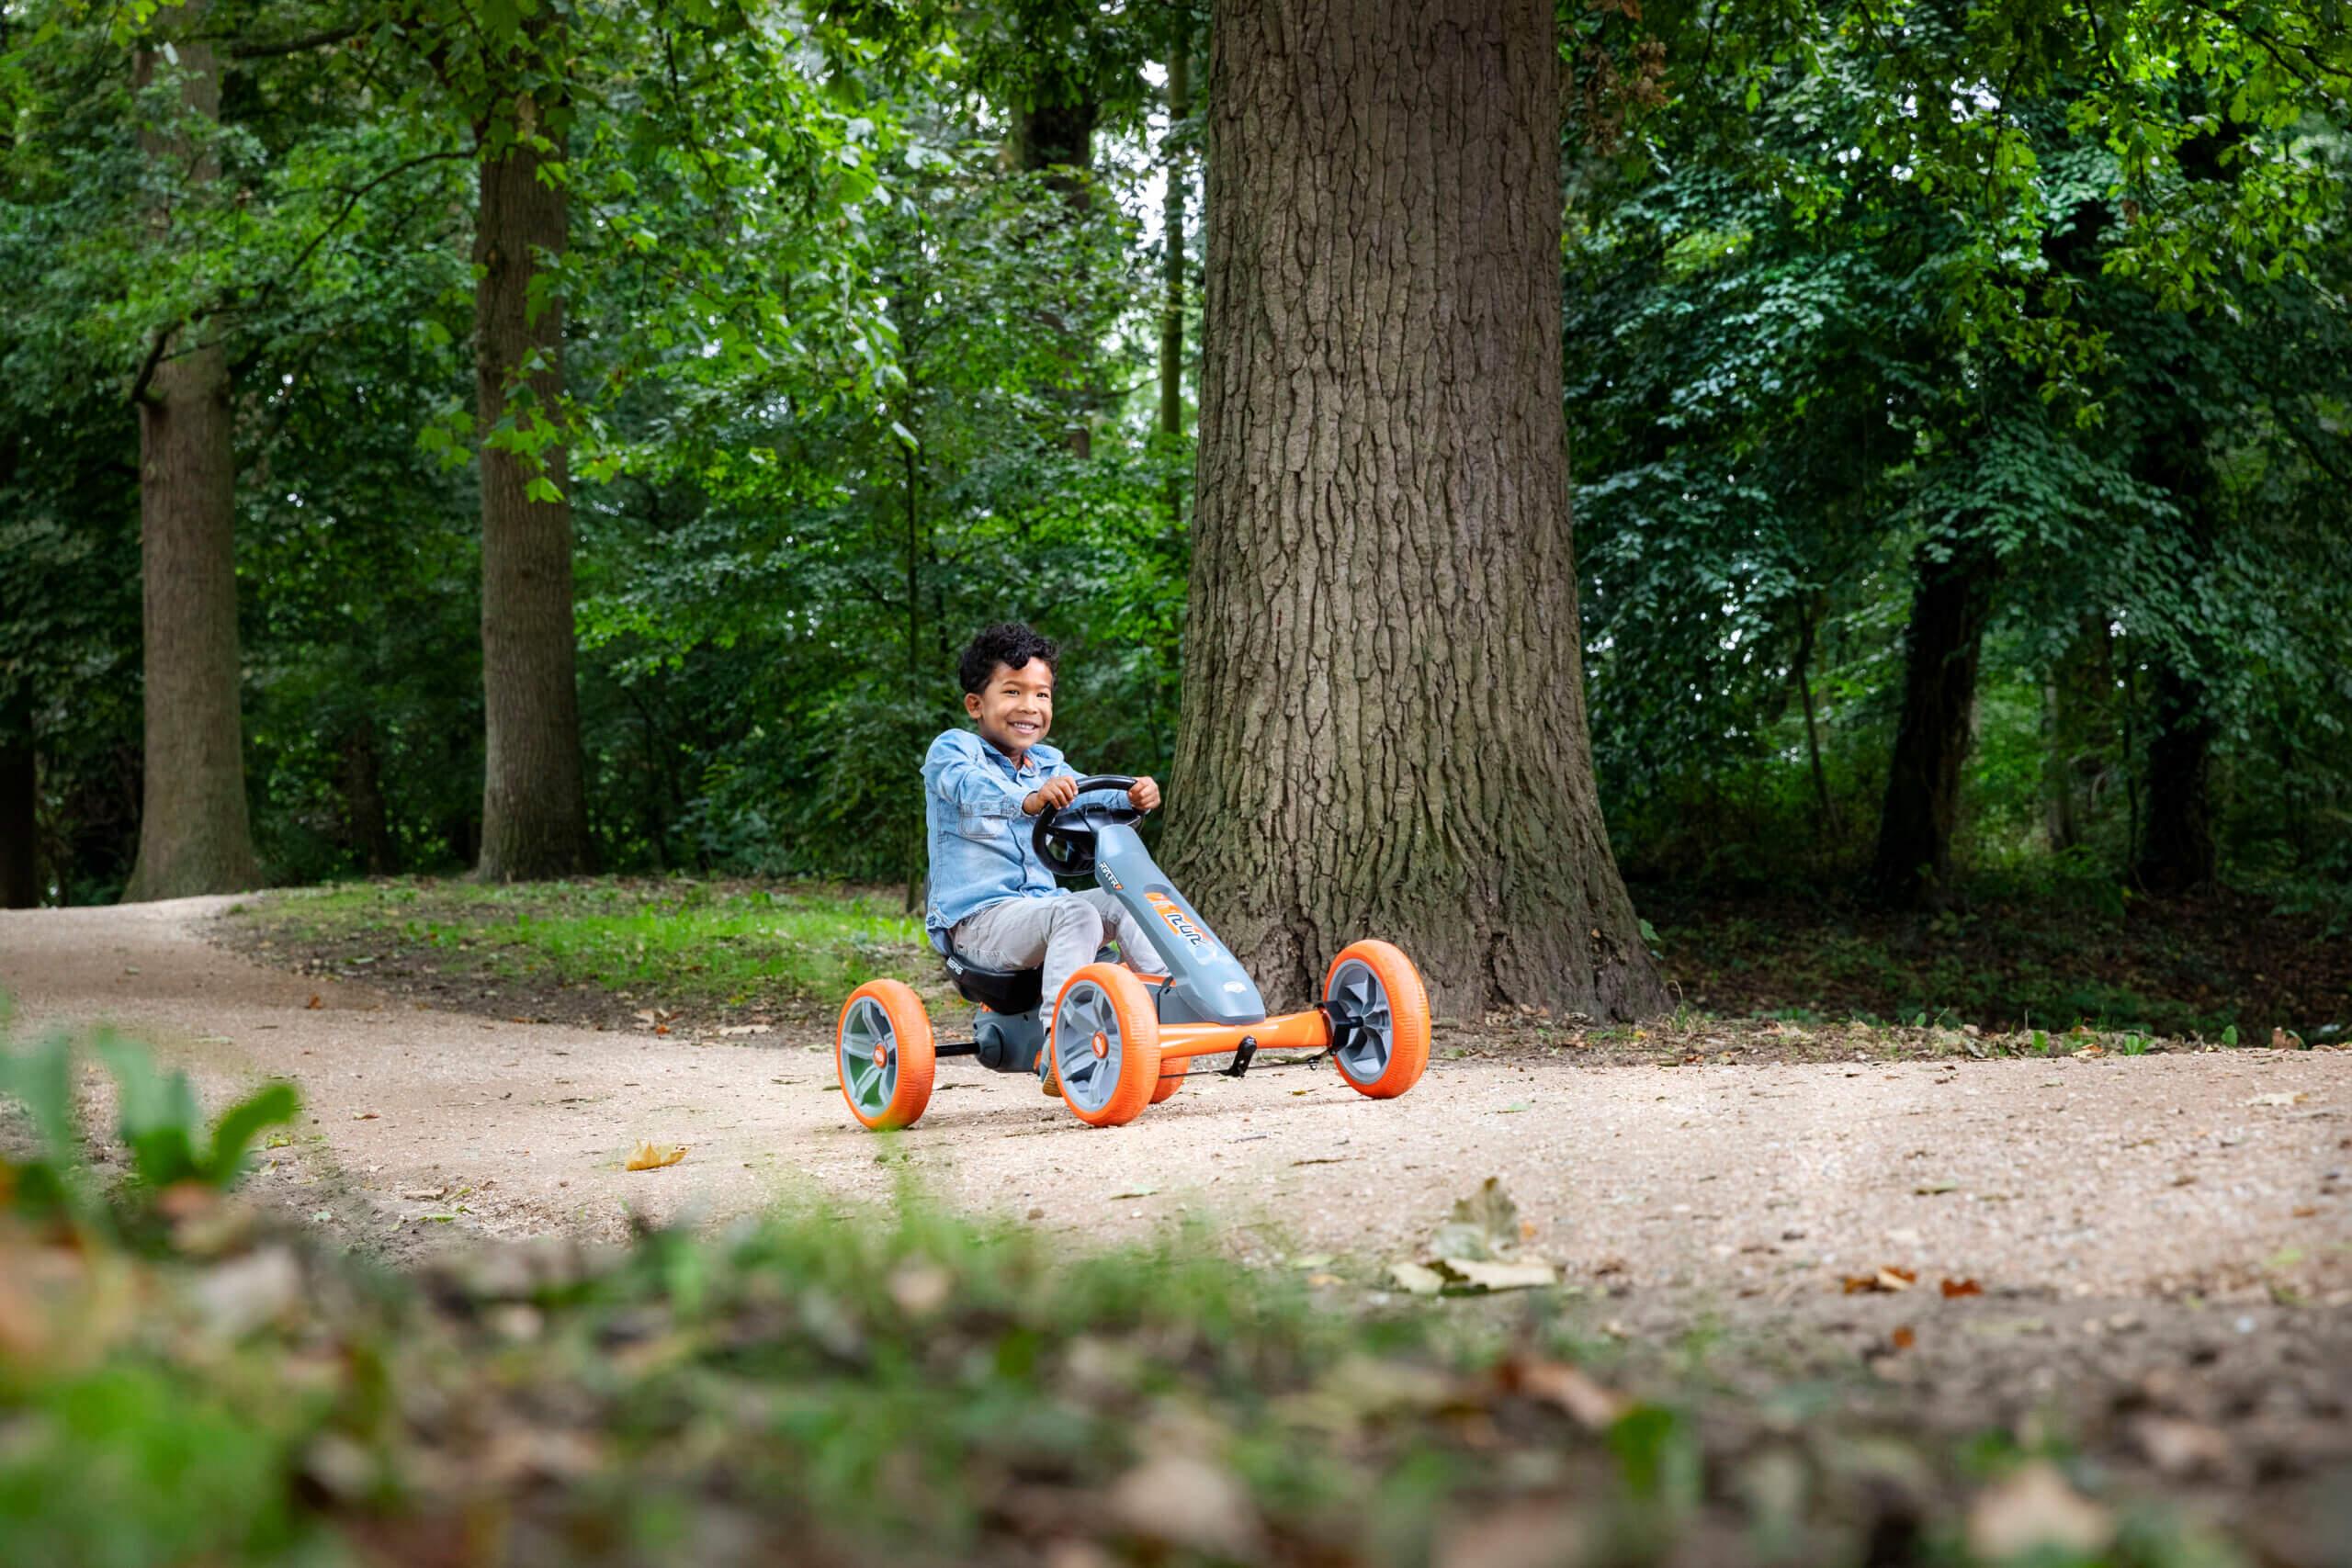 Unterwegs mit dem BERG Reppy Racer - gokart-profi.de